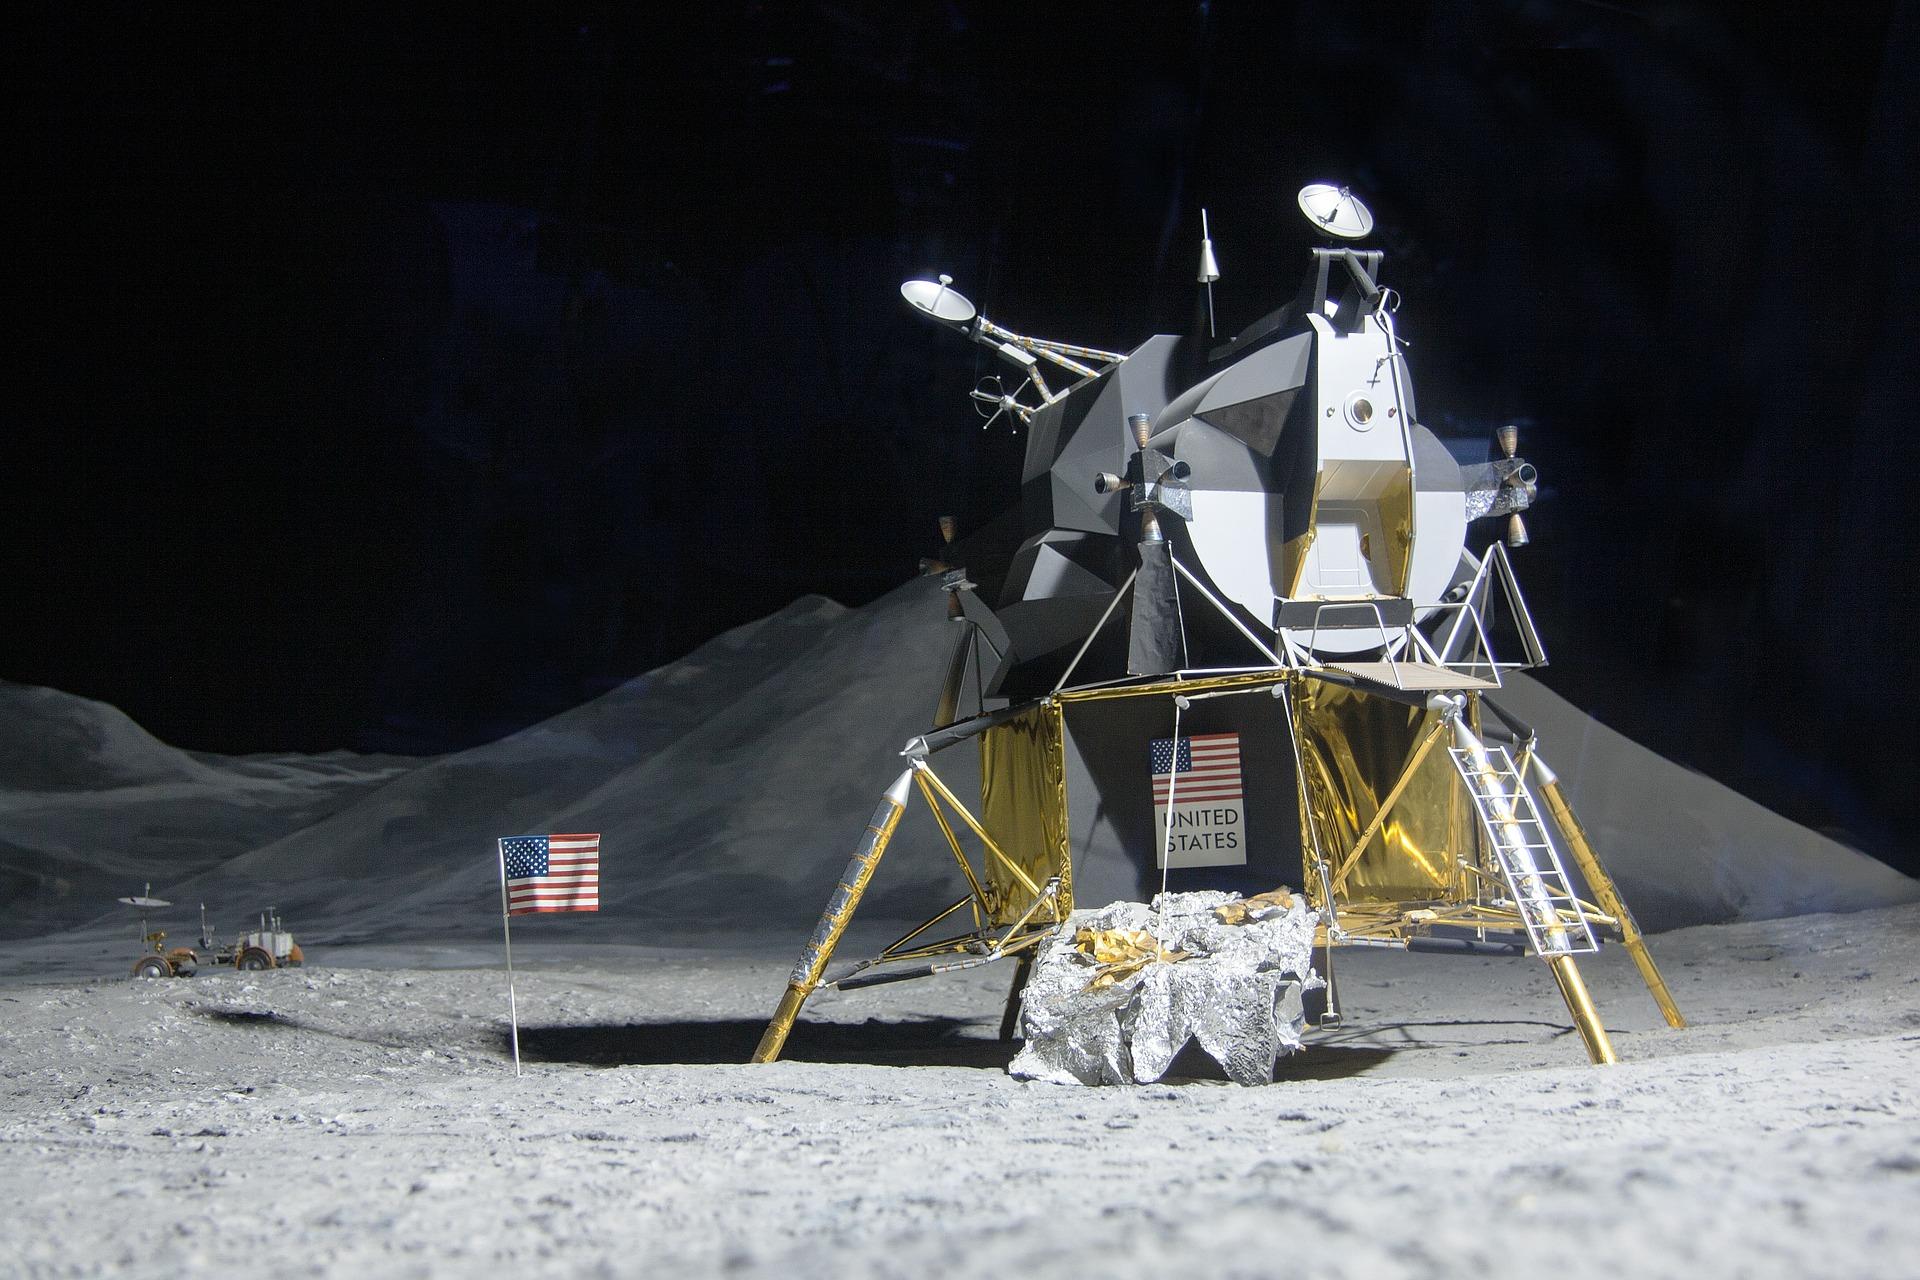 Modulo Lunare Eagle, pic by stux, Pixabay License, Libera per usi commerciali , Attribuzione non richiesta